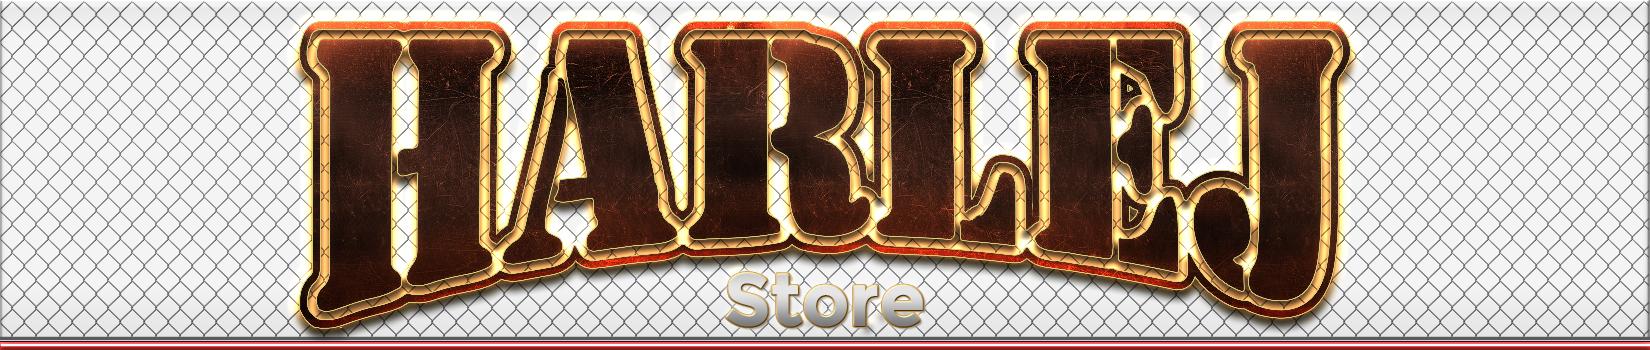 Harlej Store